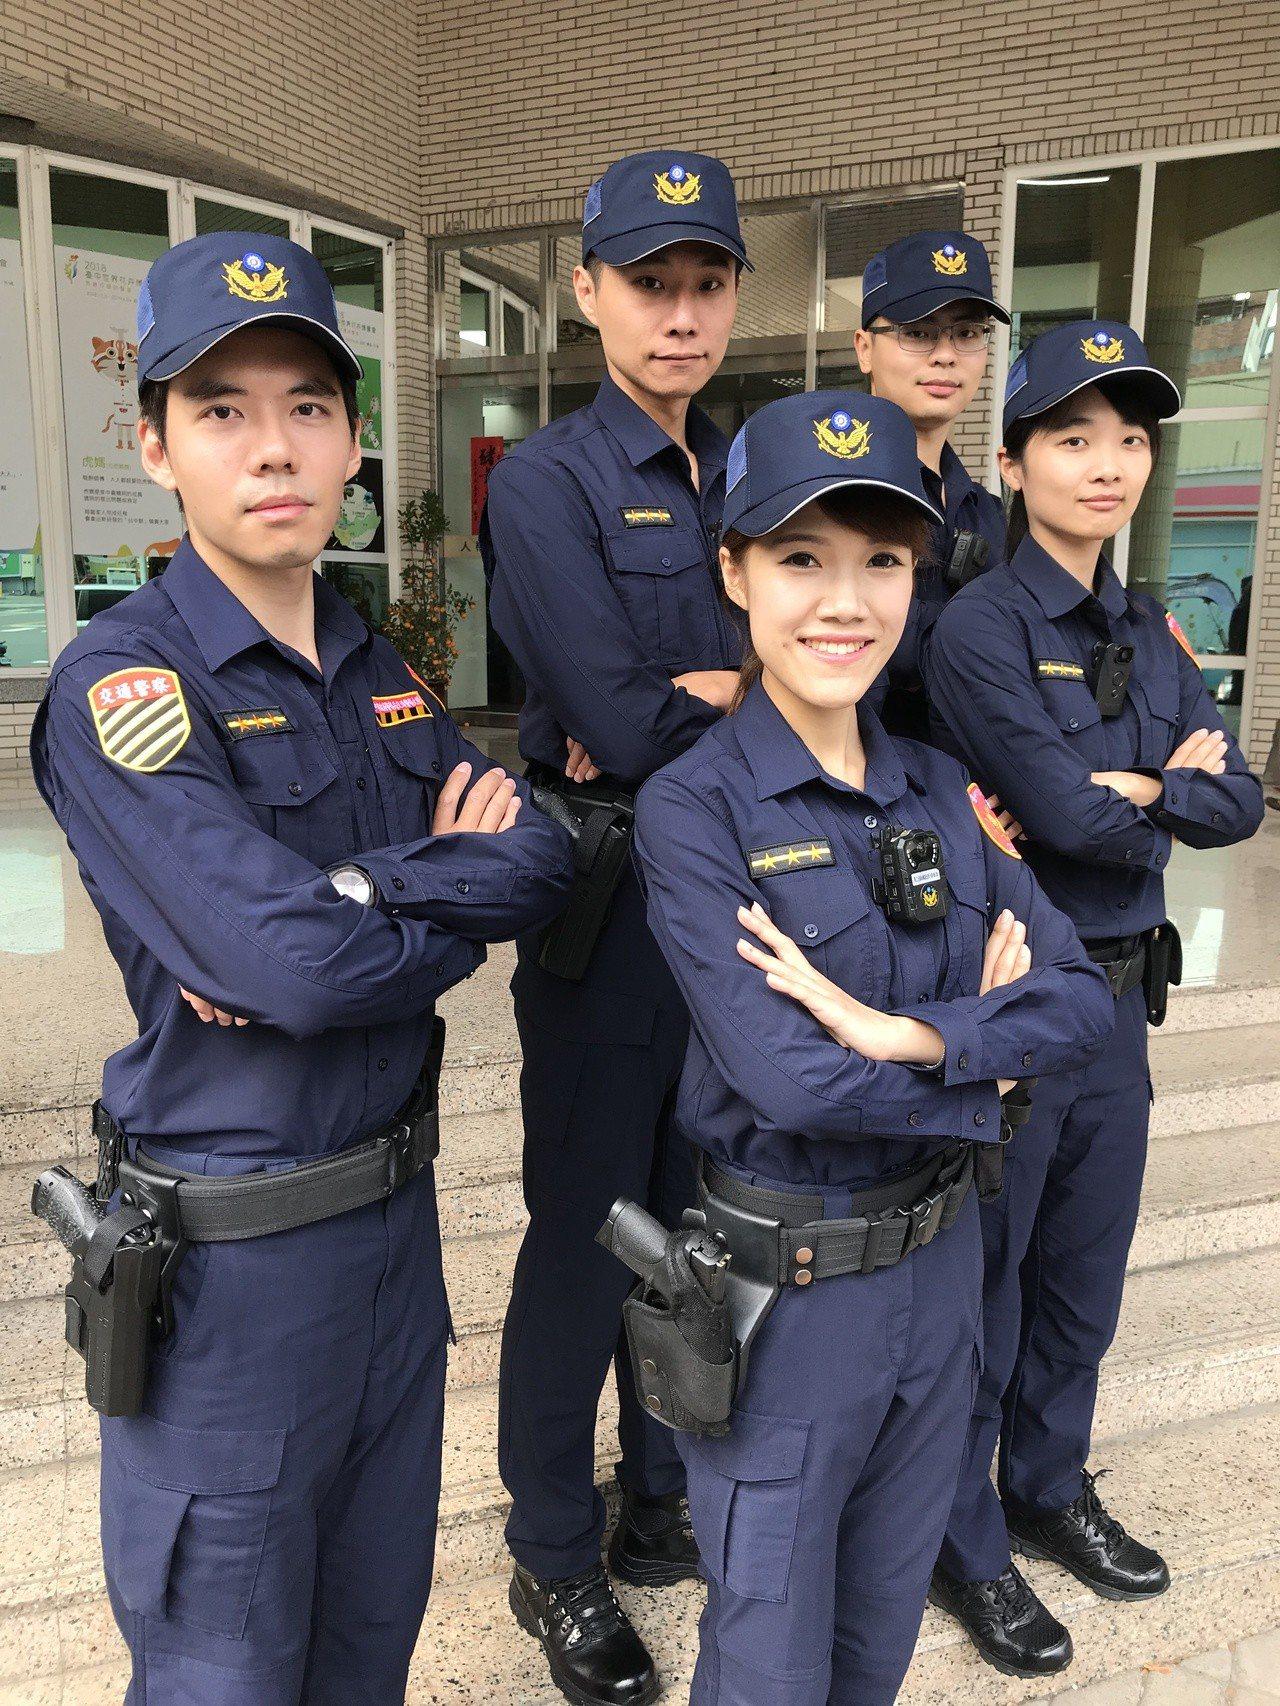 女警吳佩蓉(右前)長相清秀且口條清晰,經常擔任麻豆,替第二警分局拍攝宣傳照。記者...